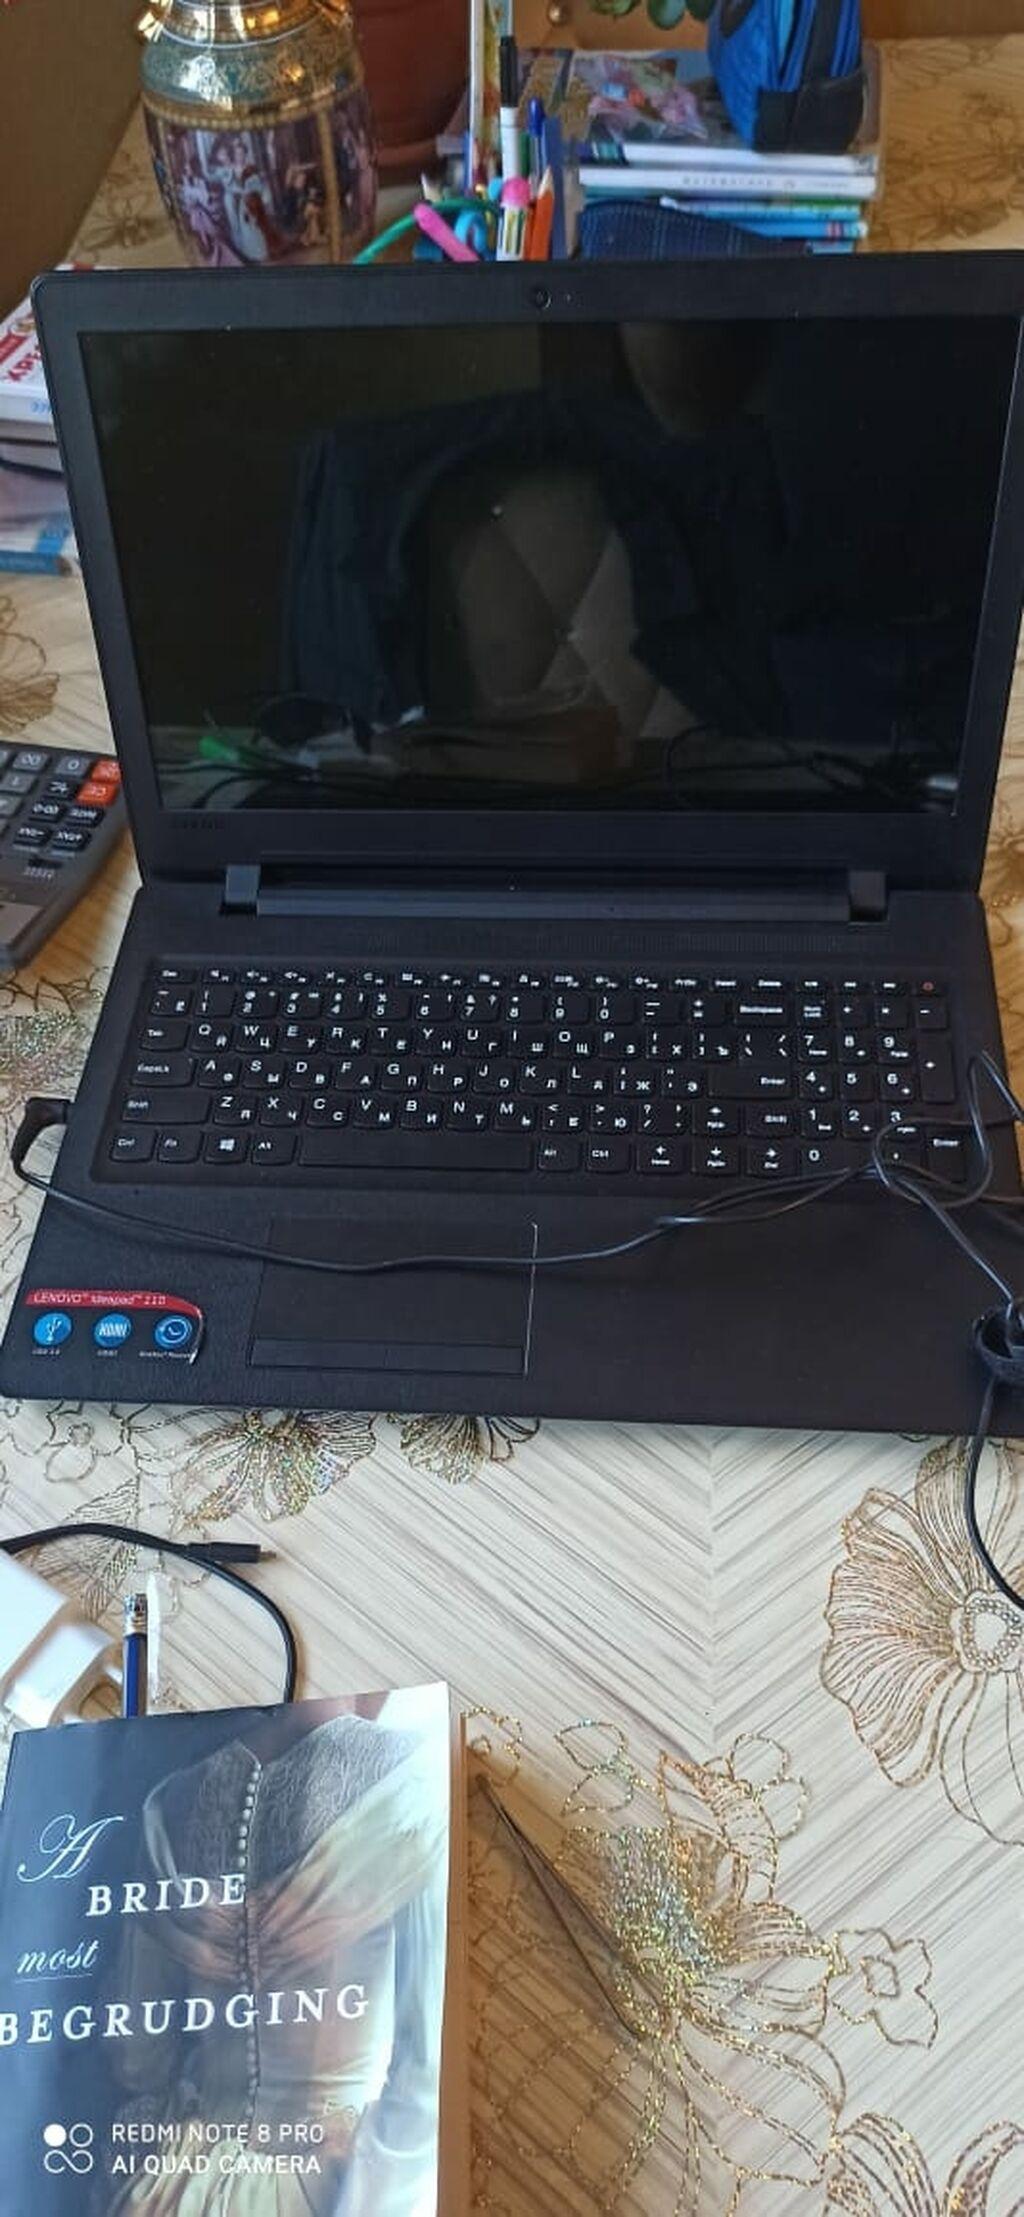 Təcili satılır Notebook Lenovo. Maraqlananlar whatsappa yaza bilər: Təcili satılır Notebook Lenovo. Maraqlananlar whatsappa yaza bilər